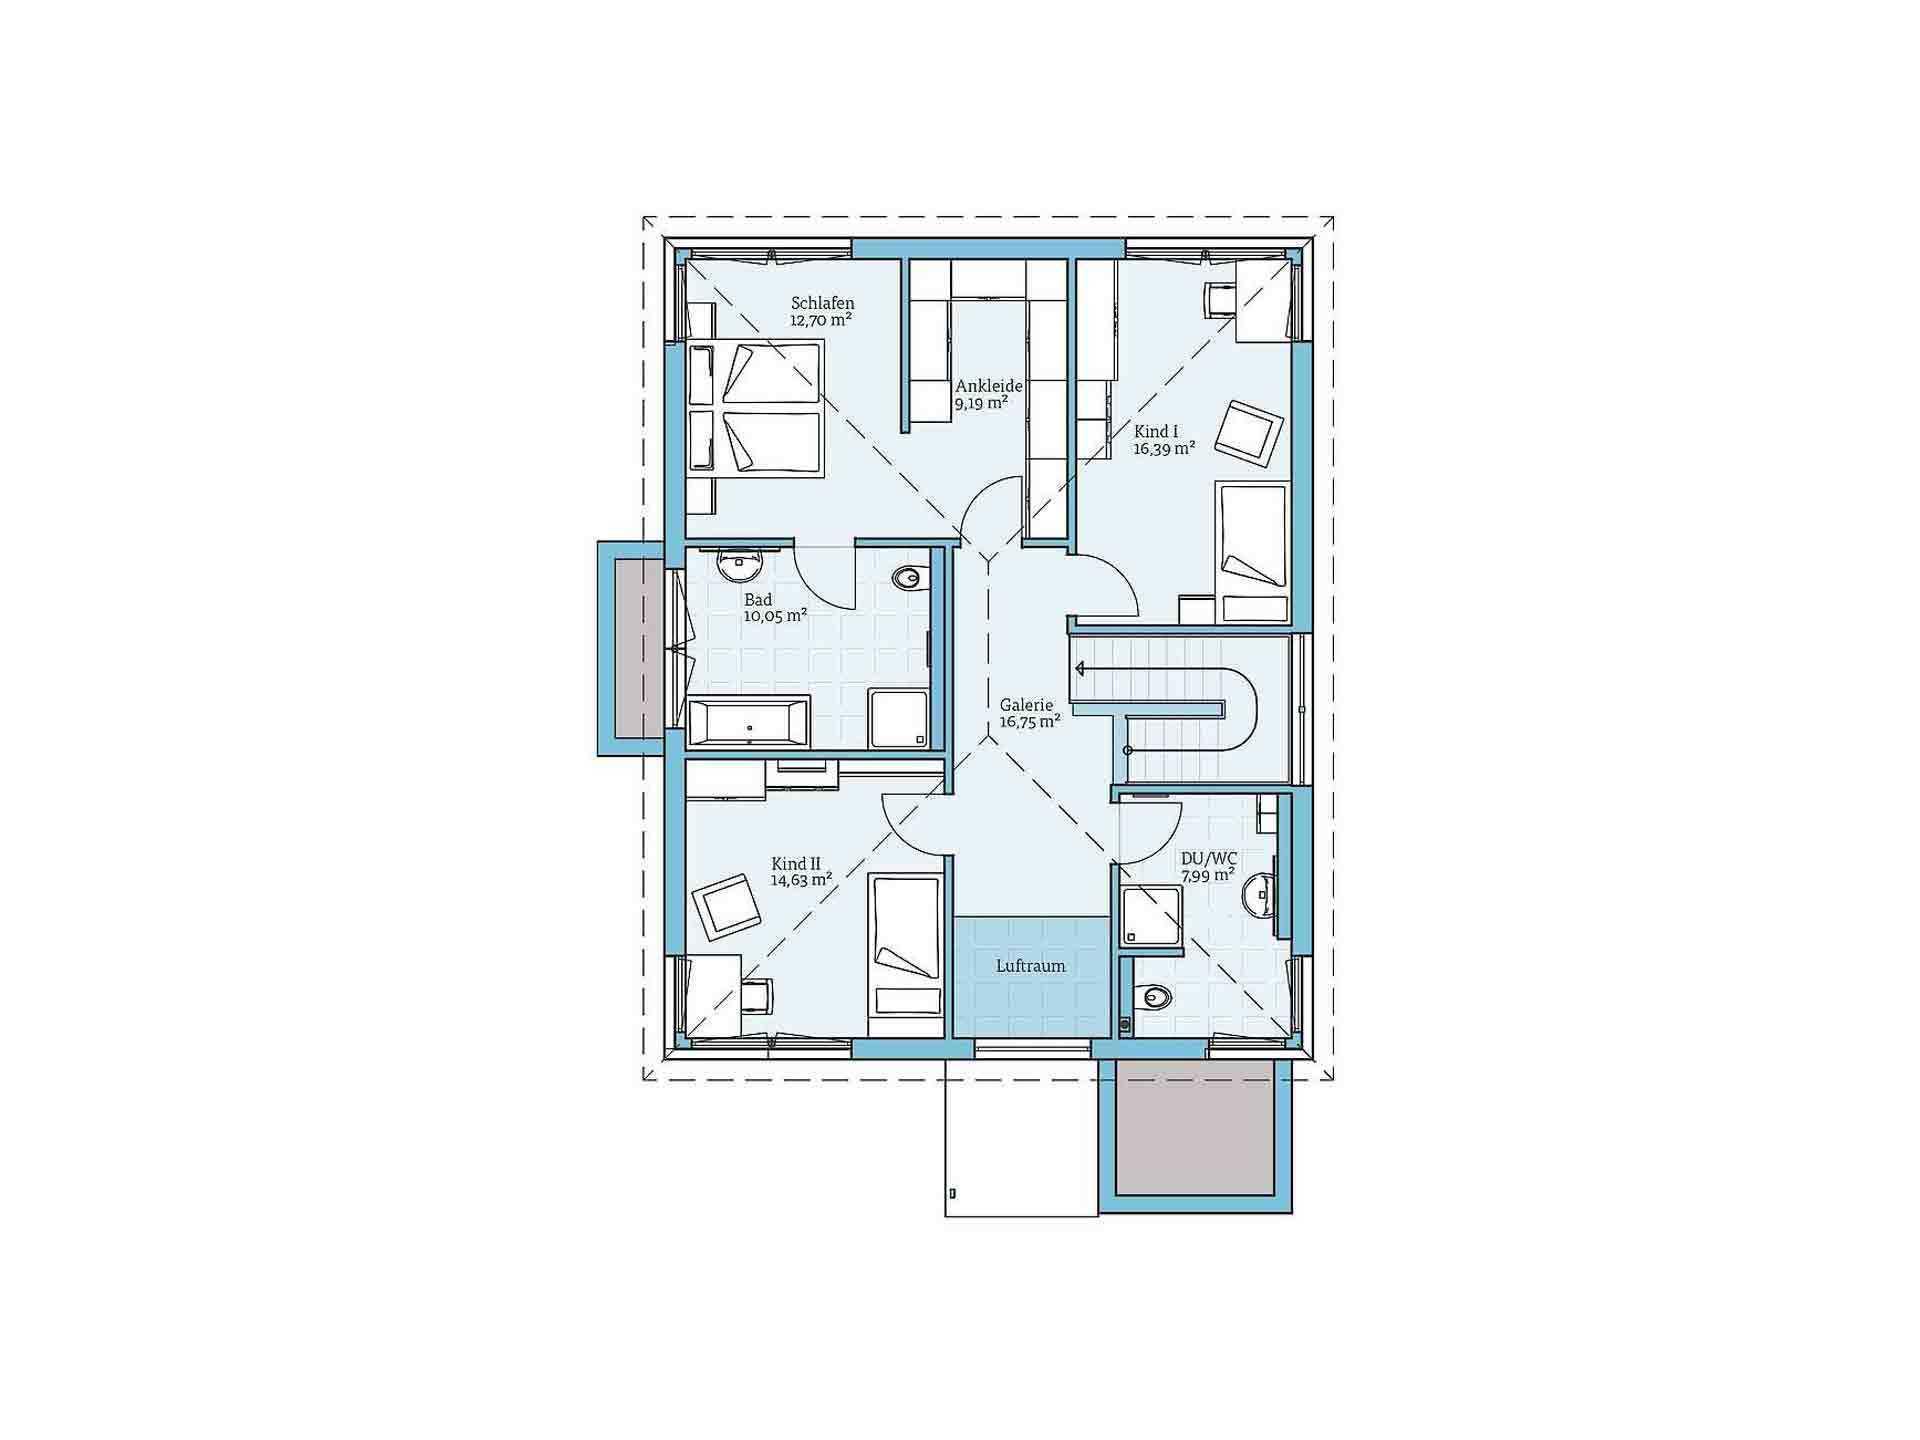 Fertighaus Villa 189 - Eine nahaufnahme von text auf einem weißen hintergrund - Gebäudeplan